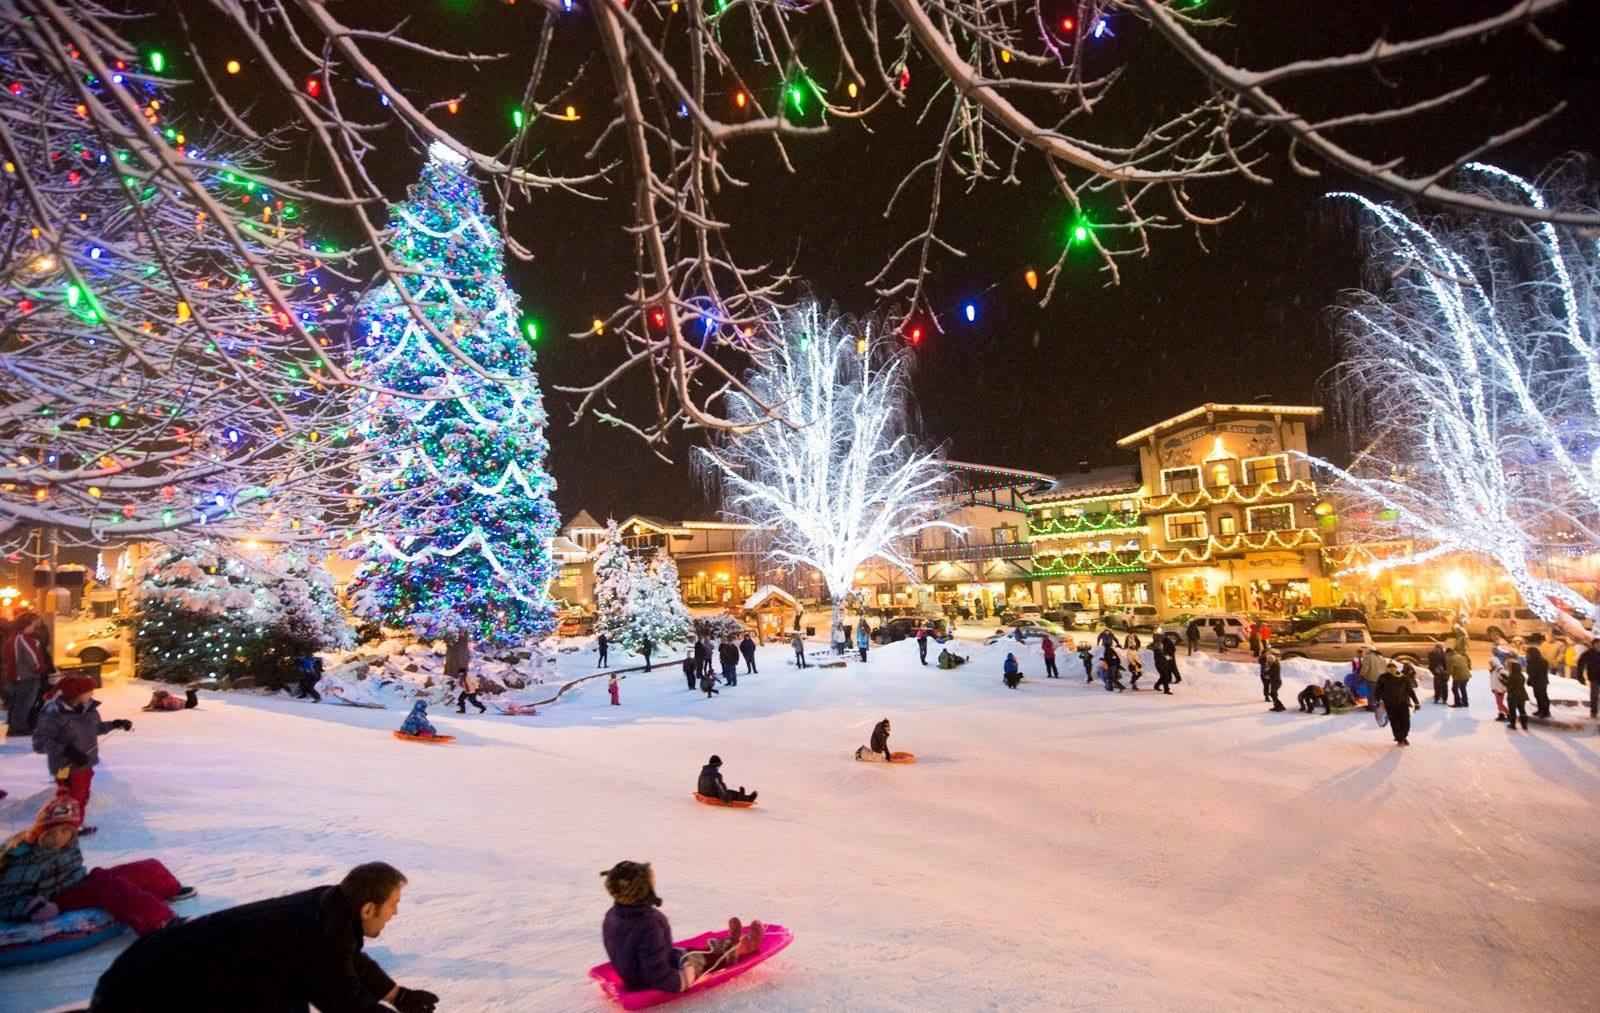 Leavenworth Christmas Tree Lighting  Leavenworth Christmas Tree Lighting Getaway The Seattle